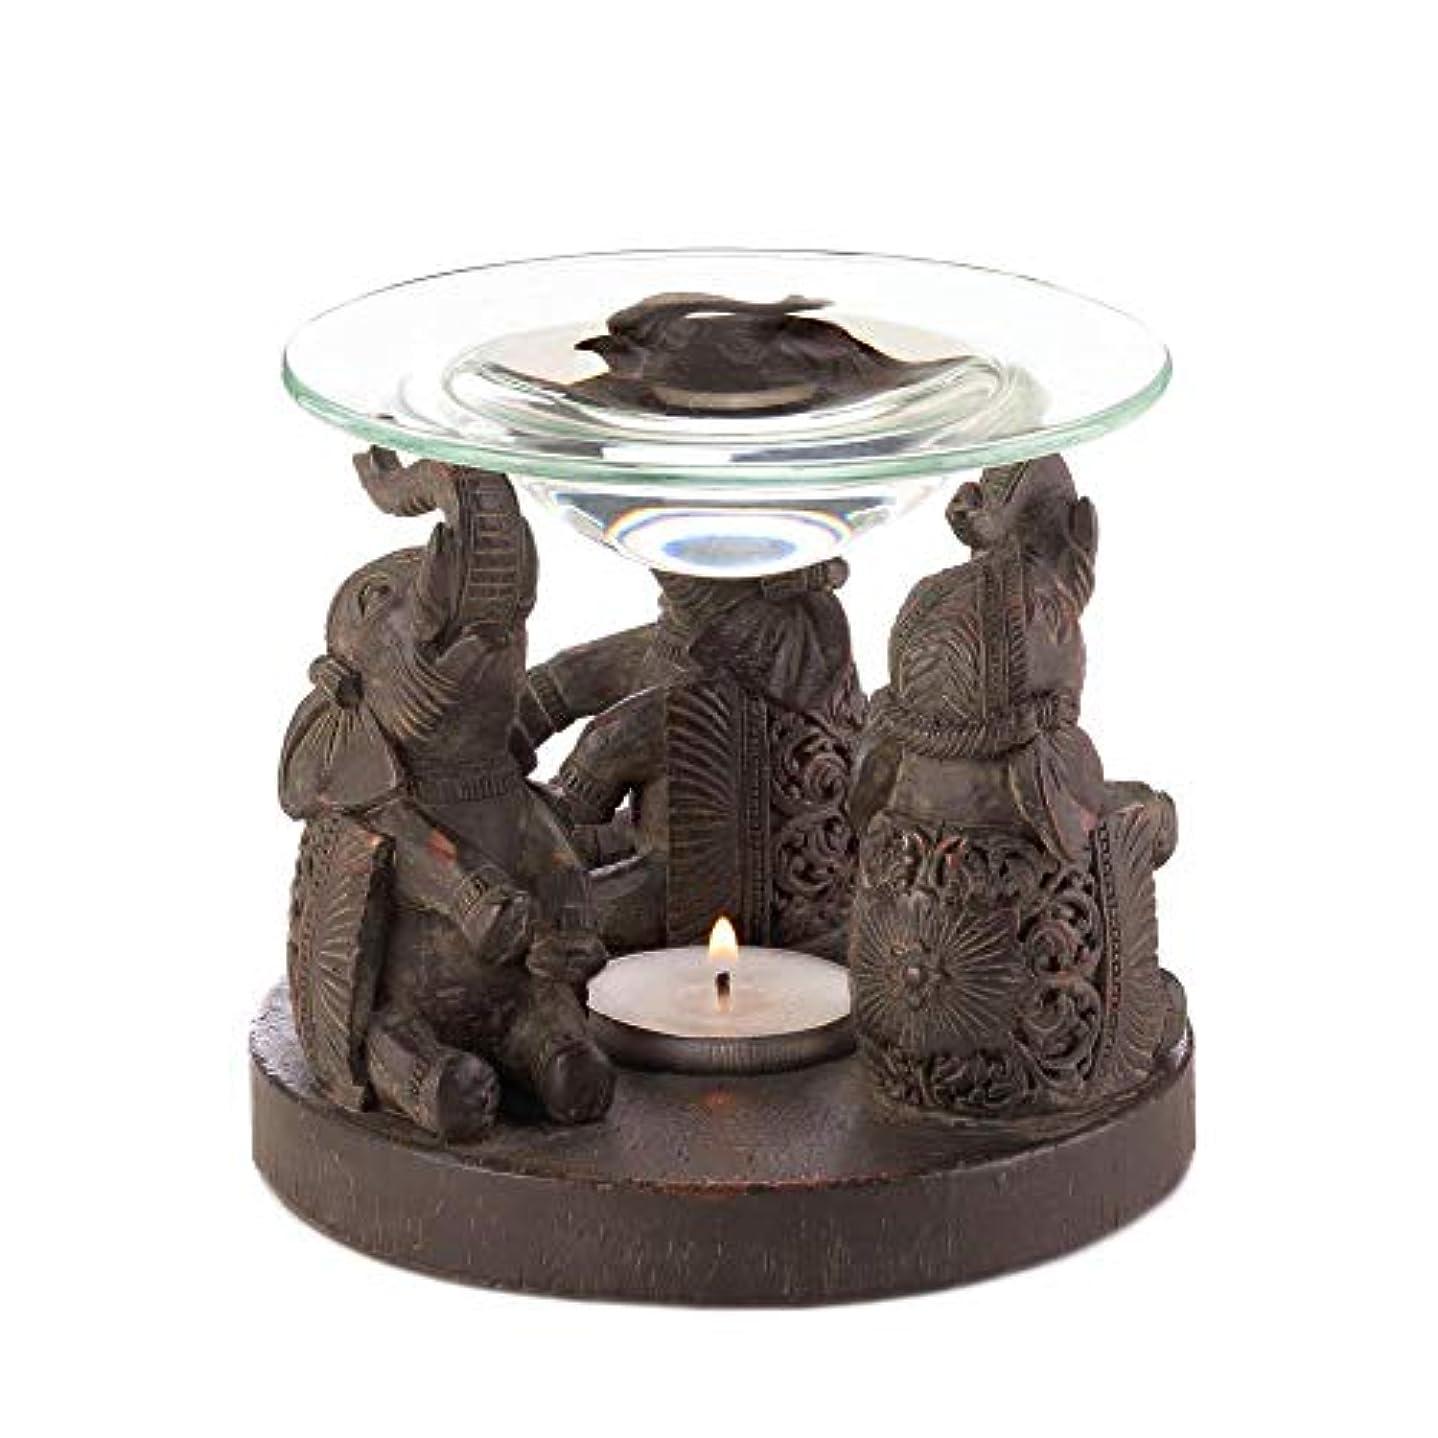 不利益劣るグローバルAnya Nana ギフト 彫刻された象の像 キャンドル タルトワックスウォーマー バーナー ディフューザー アロマセラピー